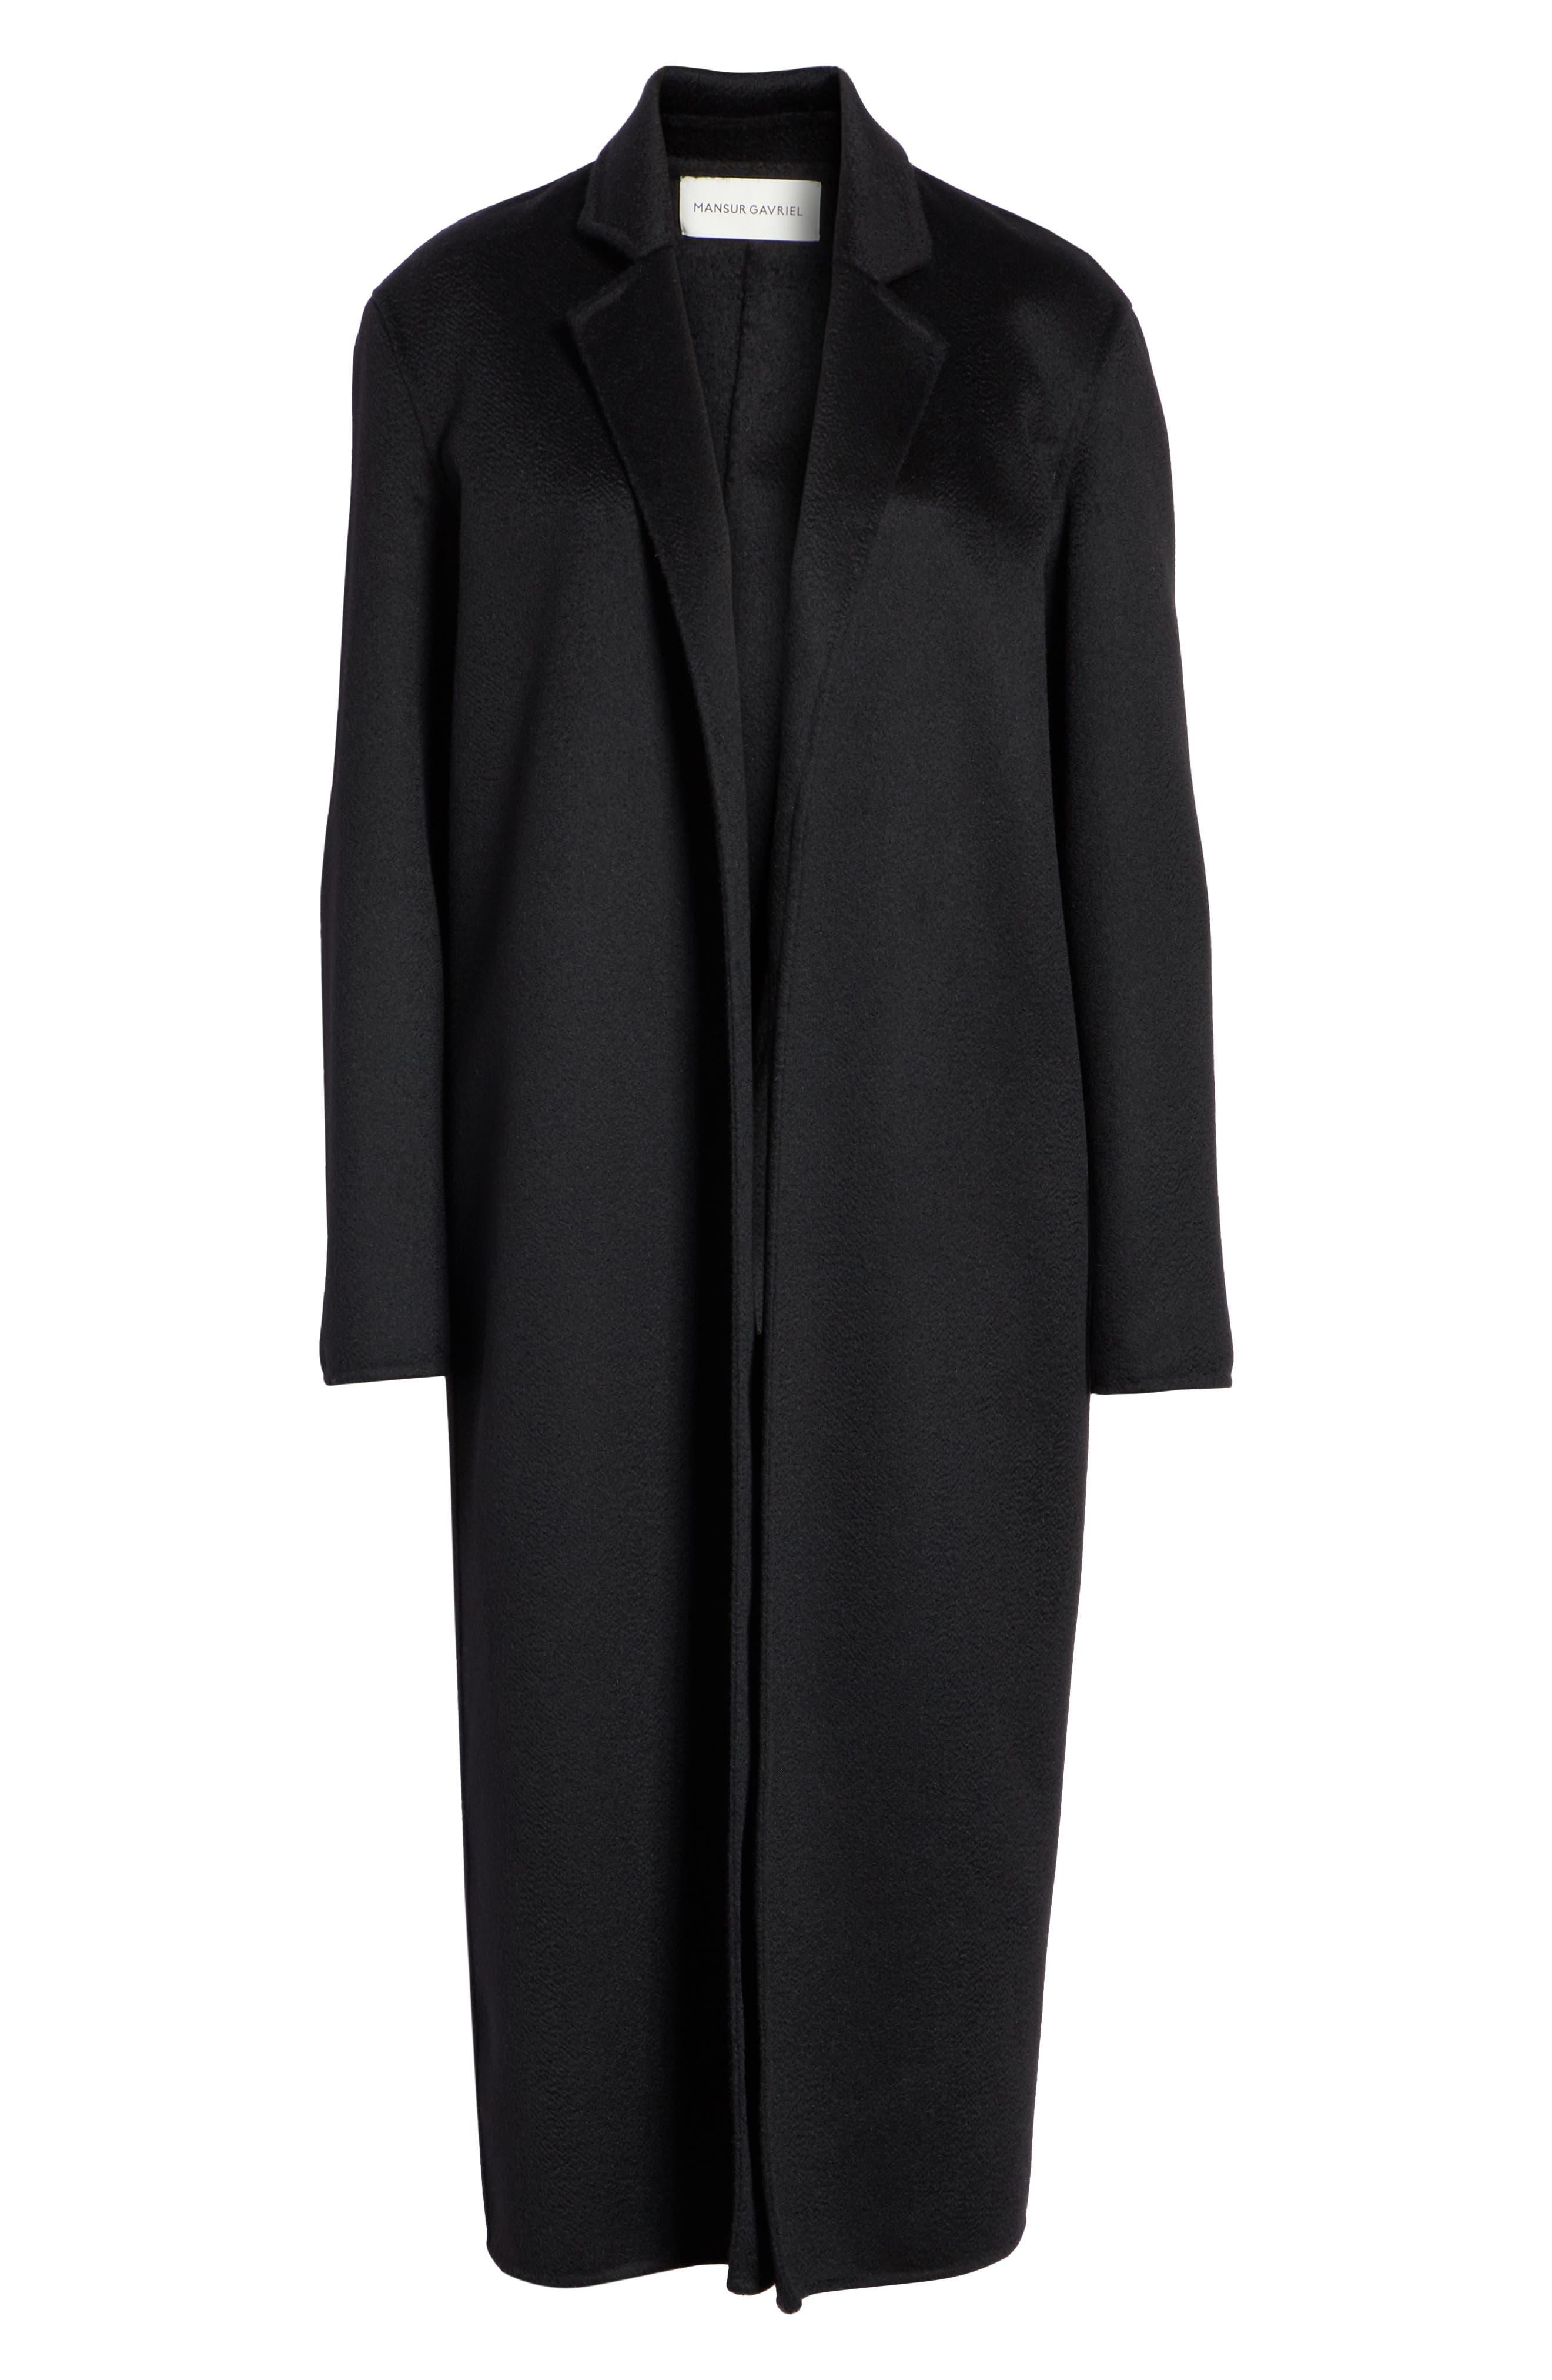 MANSUR GAVRIEL,                             Longline Cashmere Coat,                             Alternate thumbnail 5, color,                             001